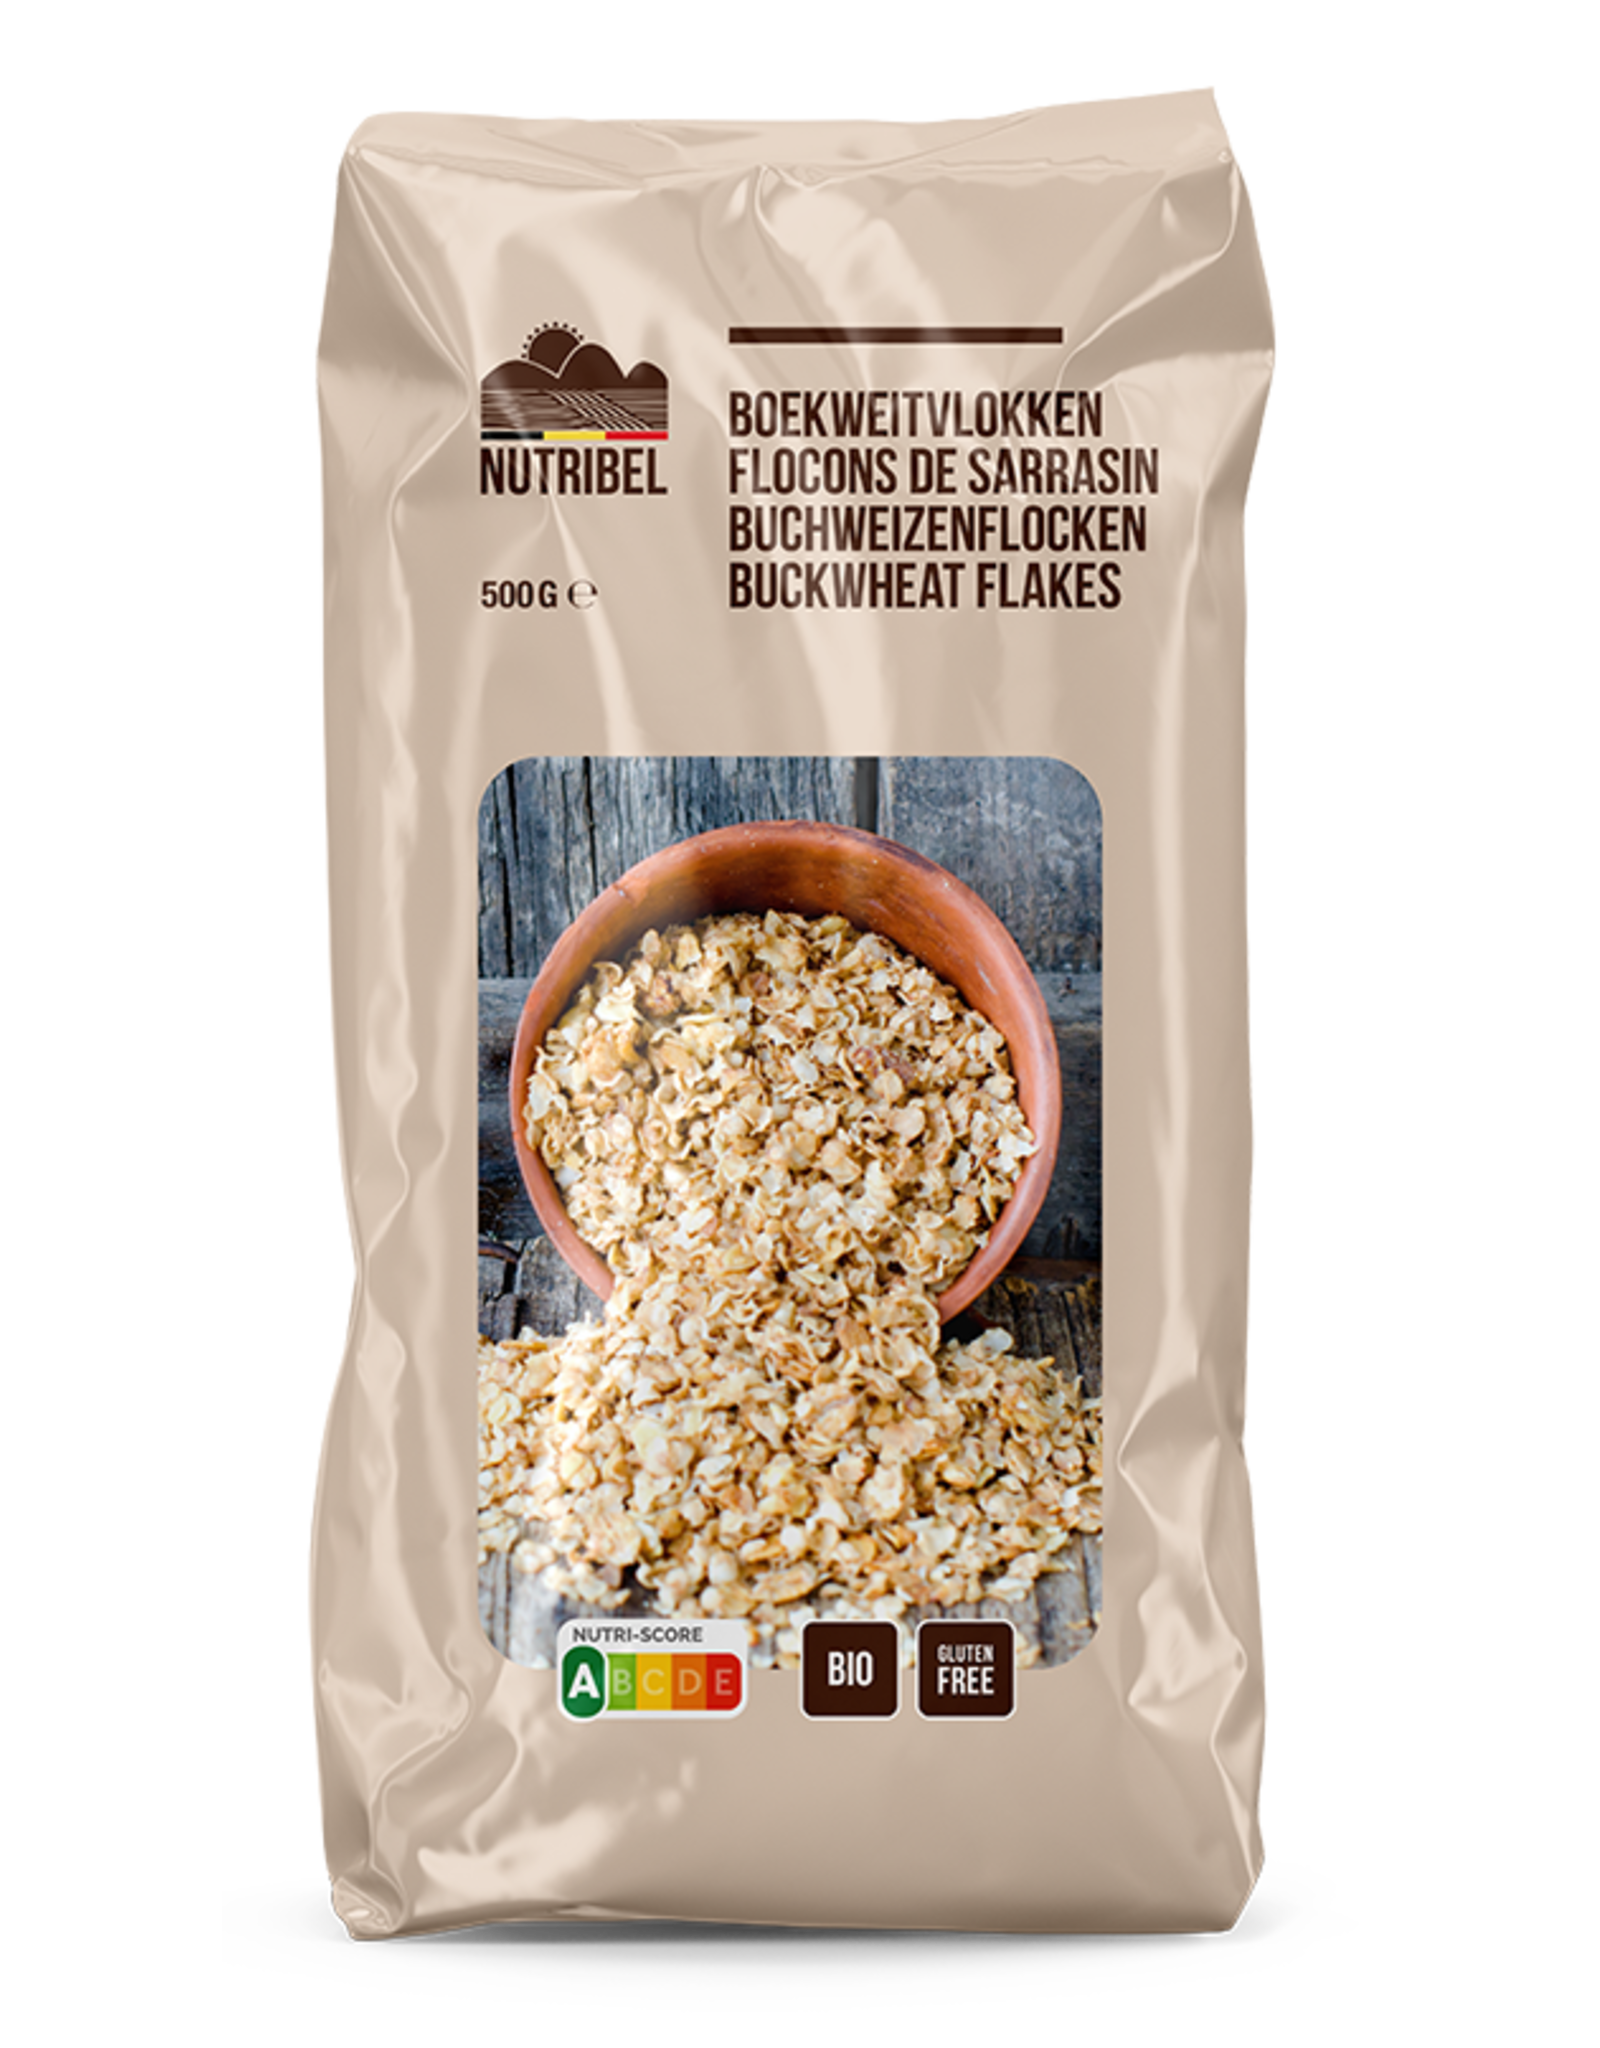 Nutribel Boekweitvlokken bio & glutenvrij 500g